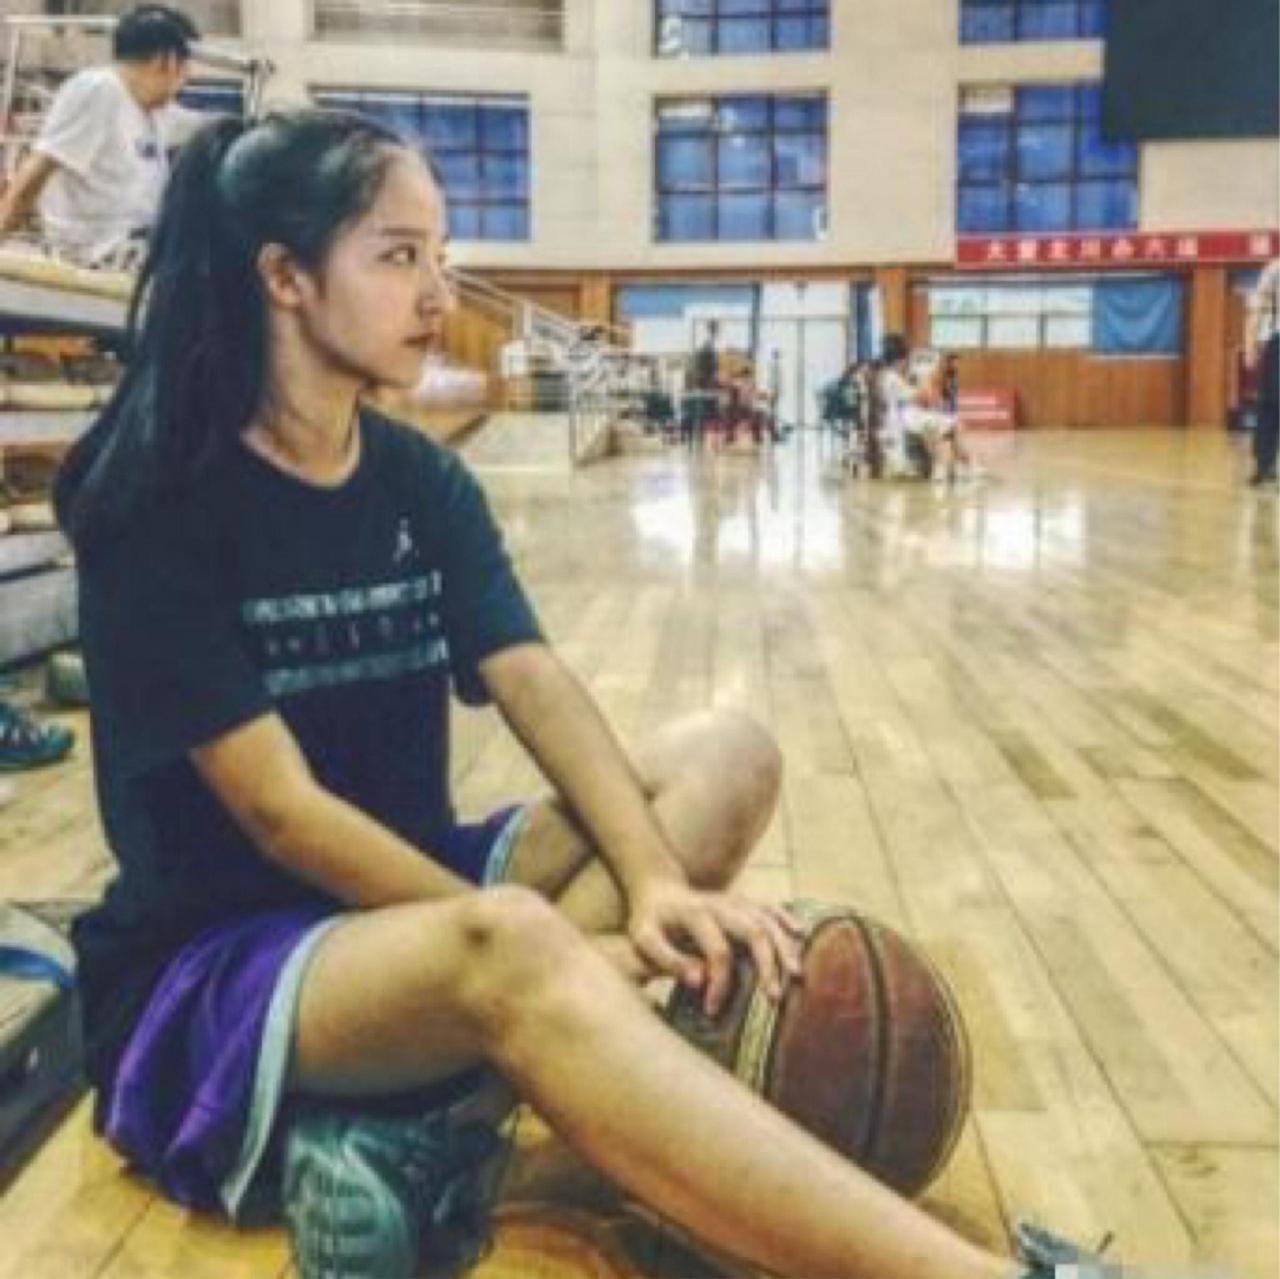 仲qiuqiu怎么就火了 高颜值的她成为了篮球小子们的女神